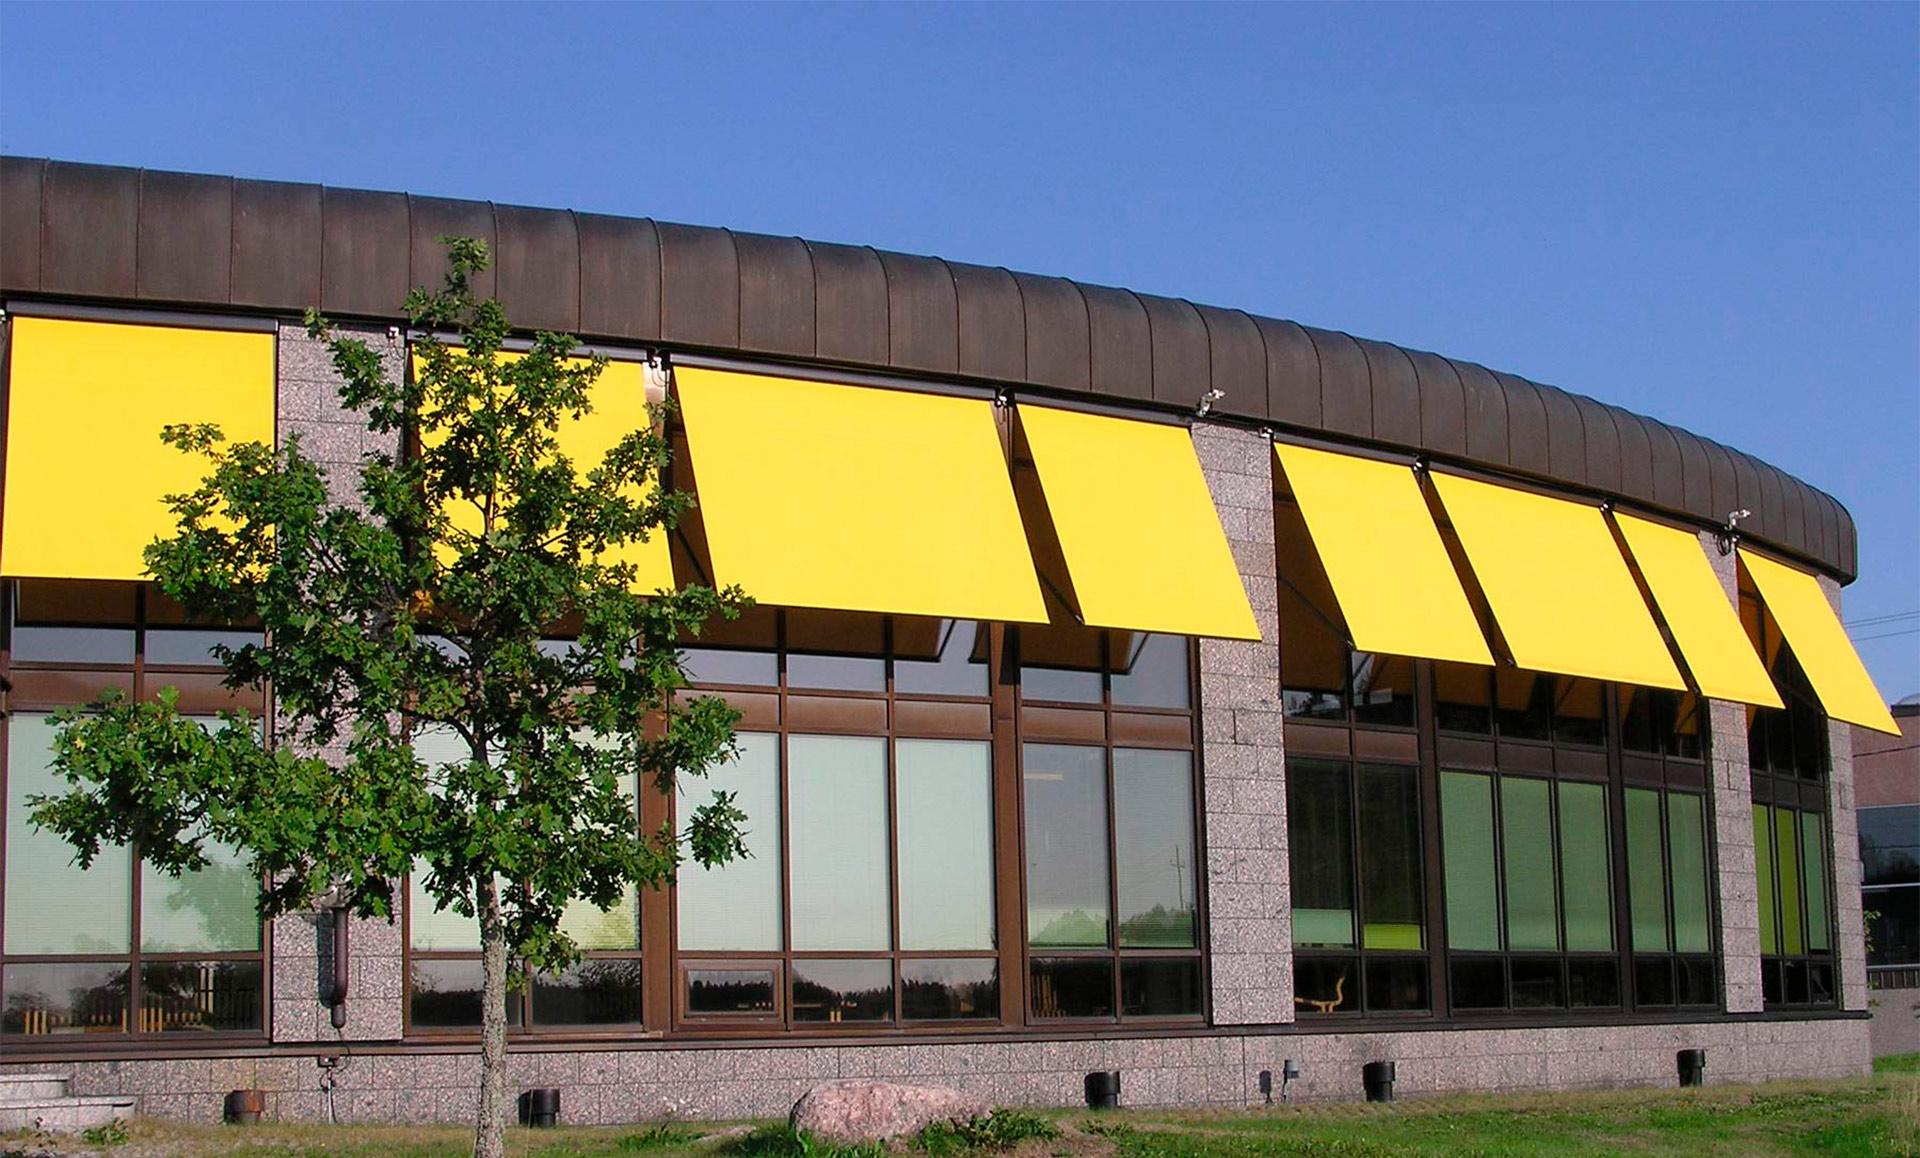 Aurinkosuojaus ikkunat rakennus Kaihdinmaailma ikkunamarkiisi